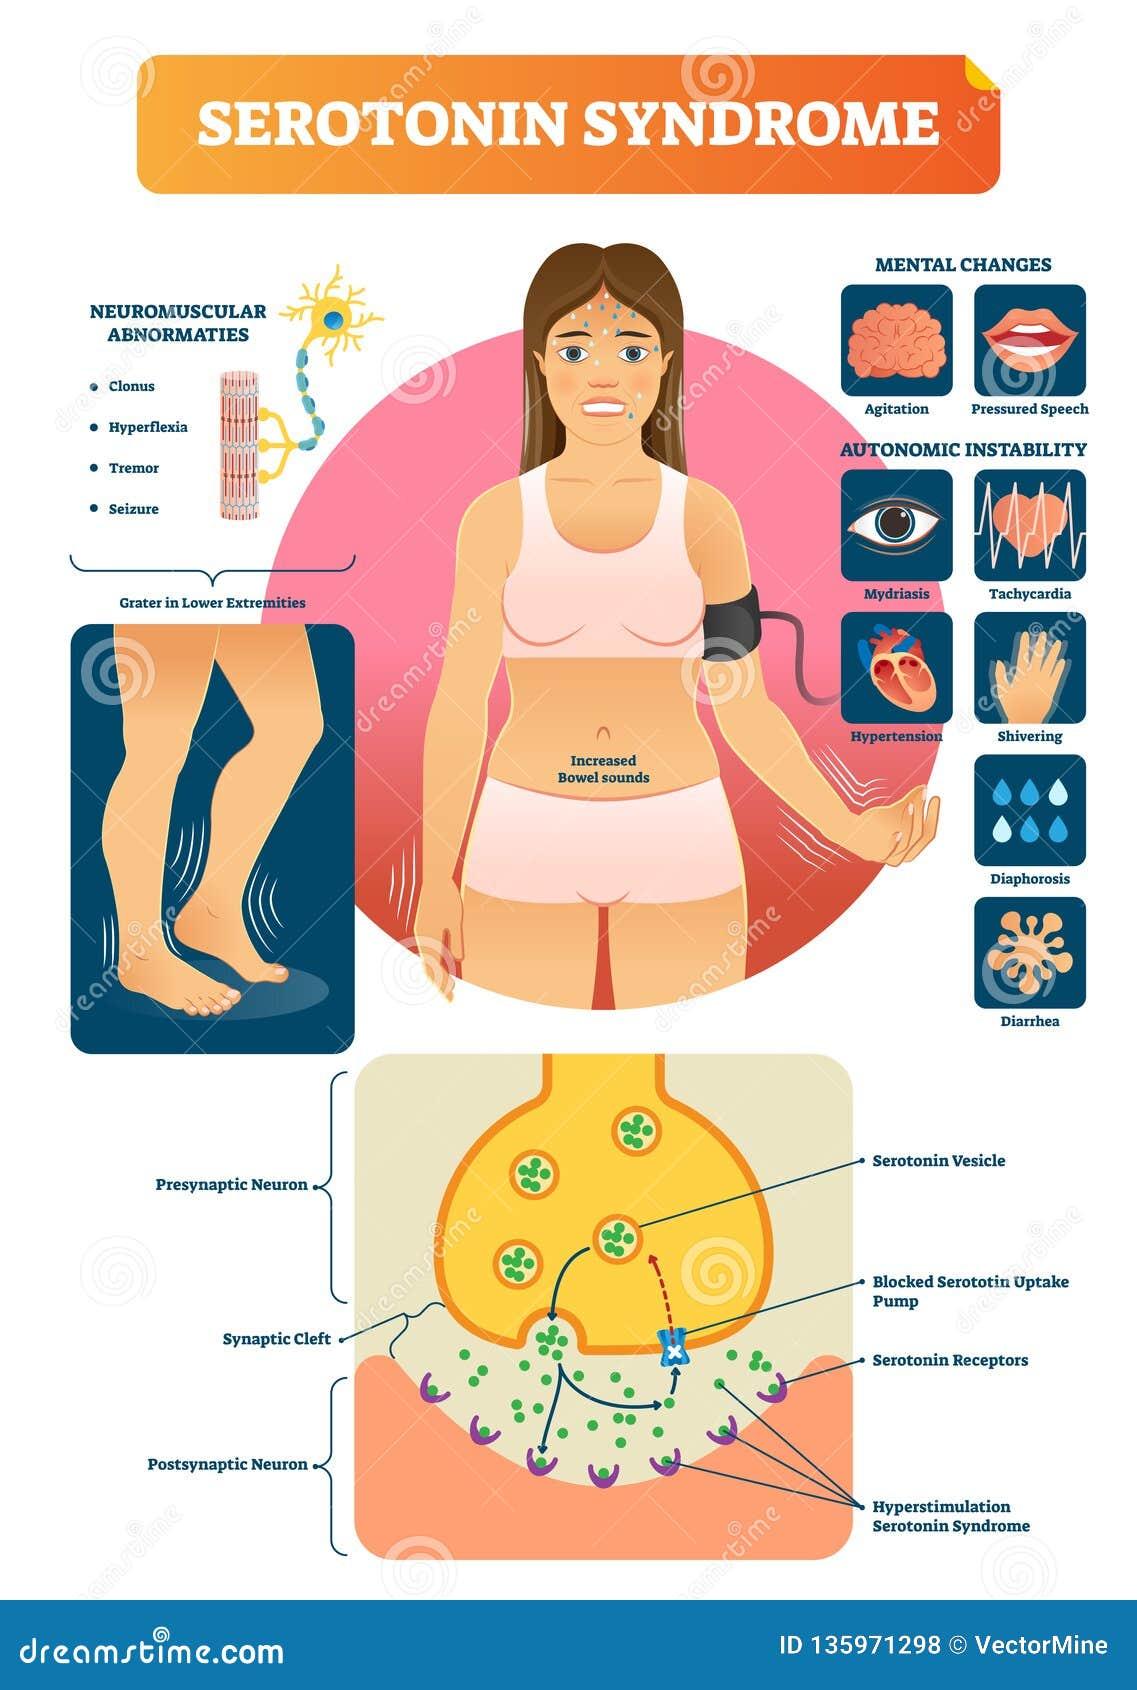 5-羟色胺综合症状与医疗被标记的症状的传染媒介例证策划